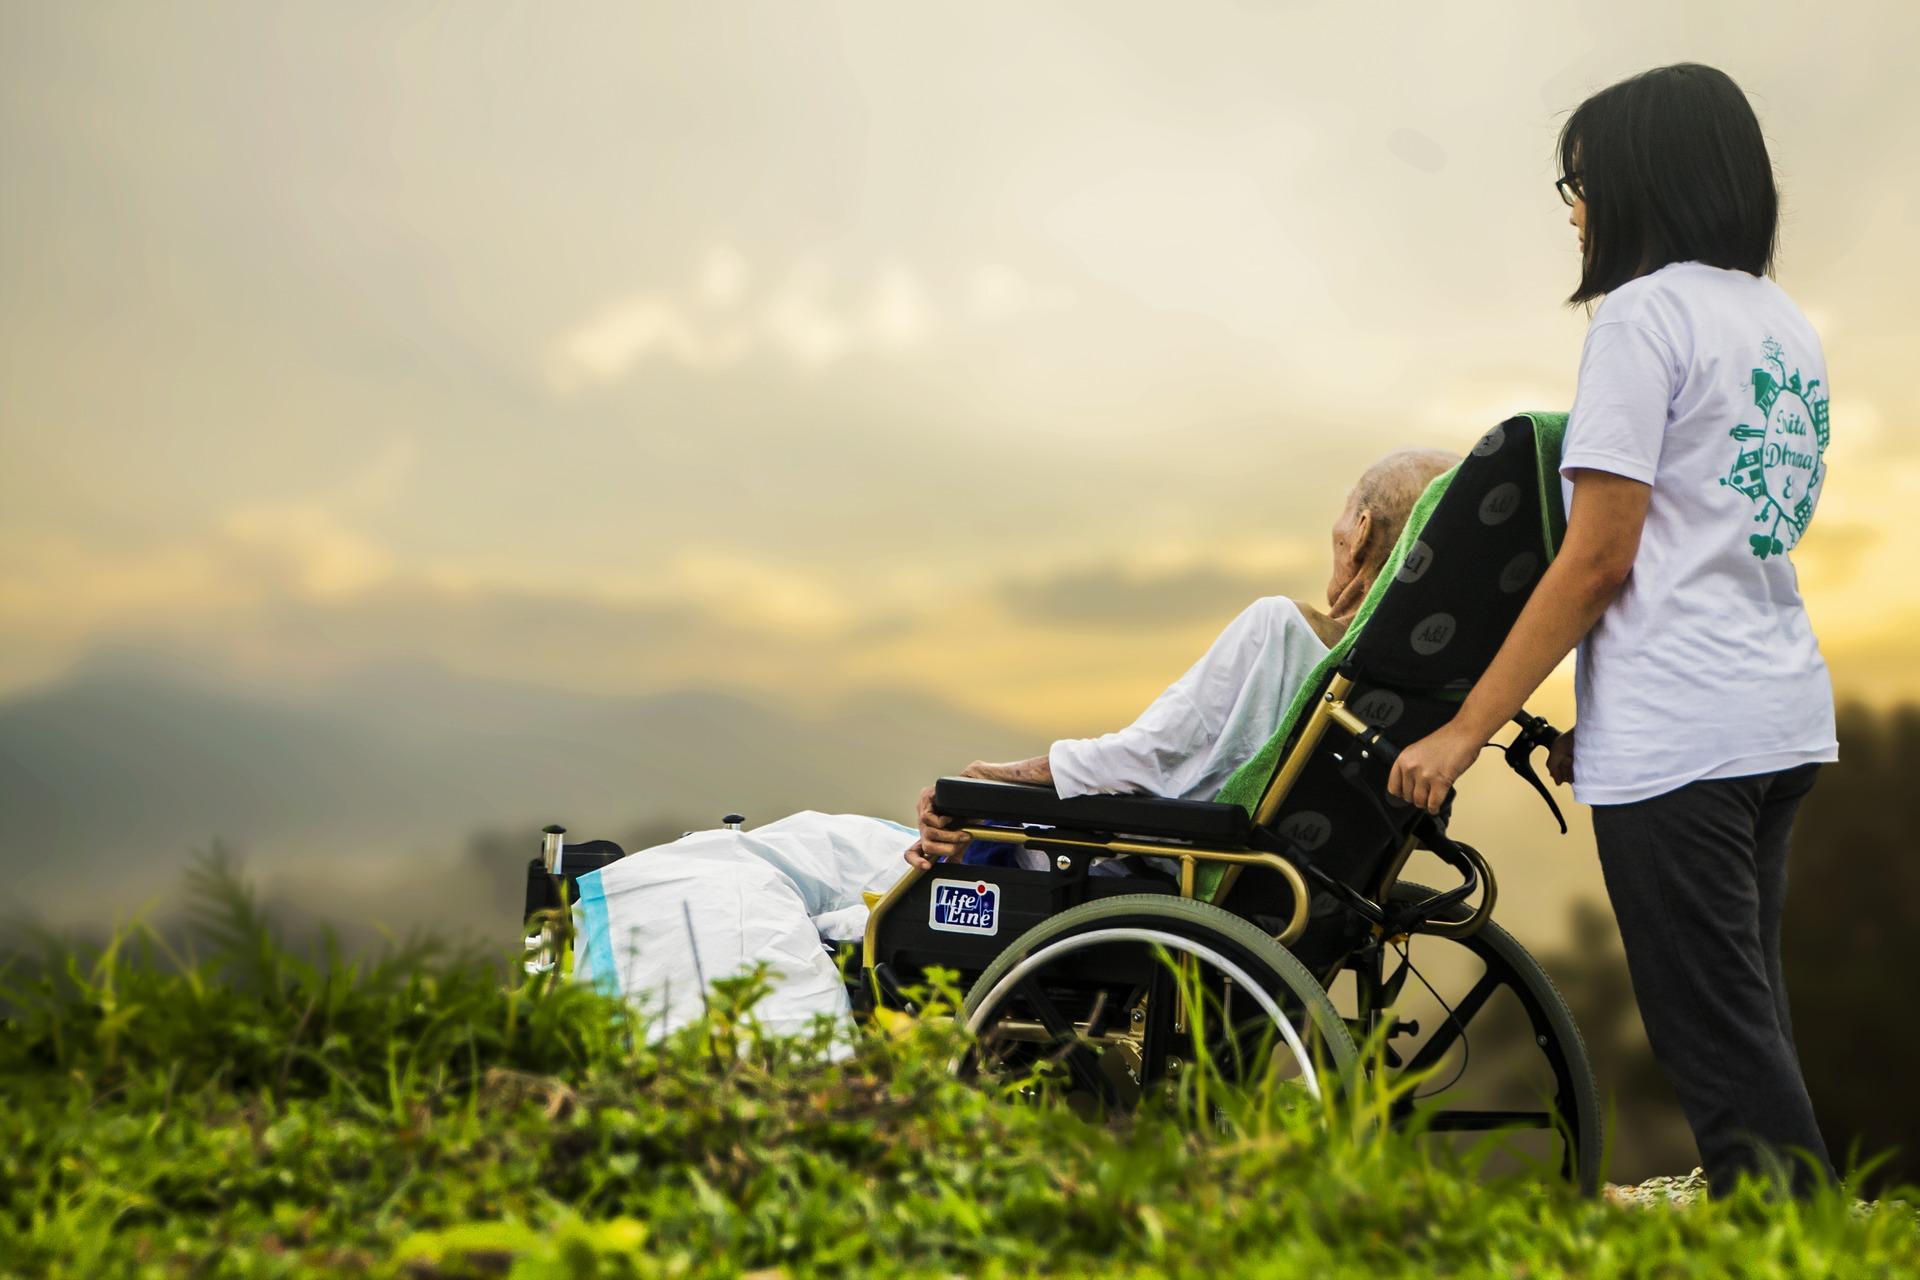 Nach Beitragserhöhung: Pflegeversicherung erstmals drittgrößte Sozialversicherung - Anlegermagazin Mein Geld